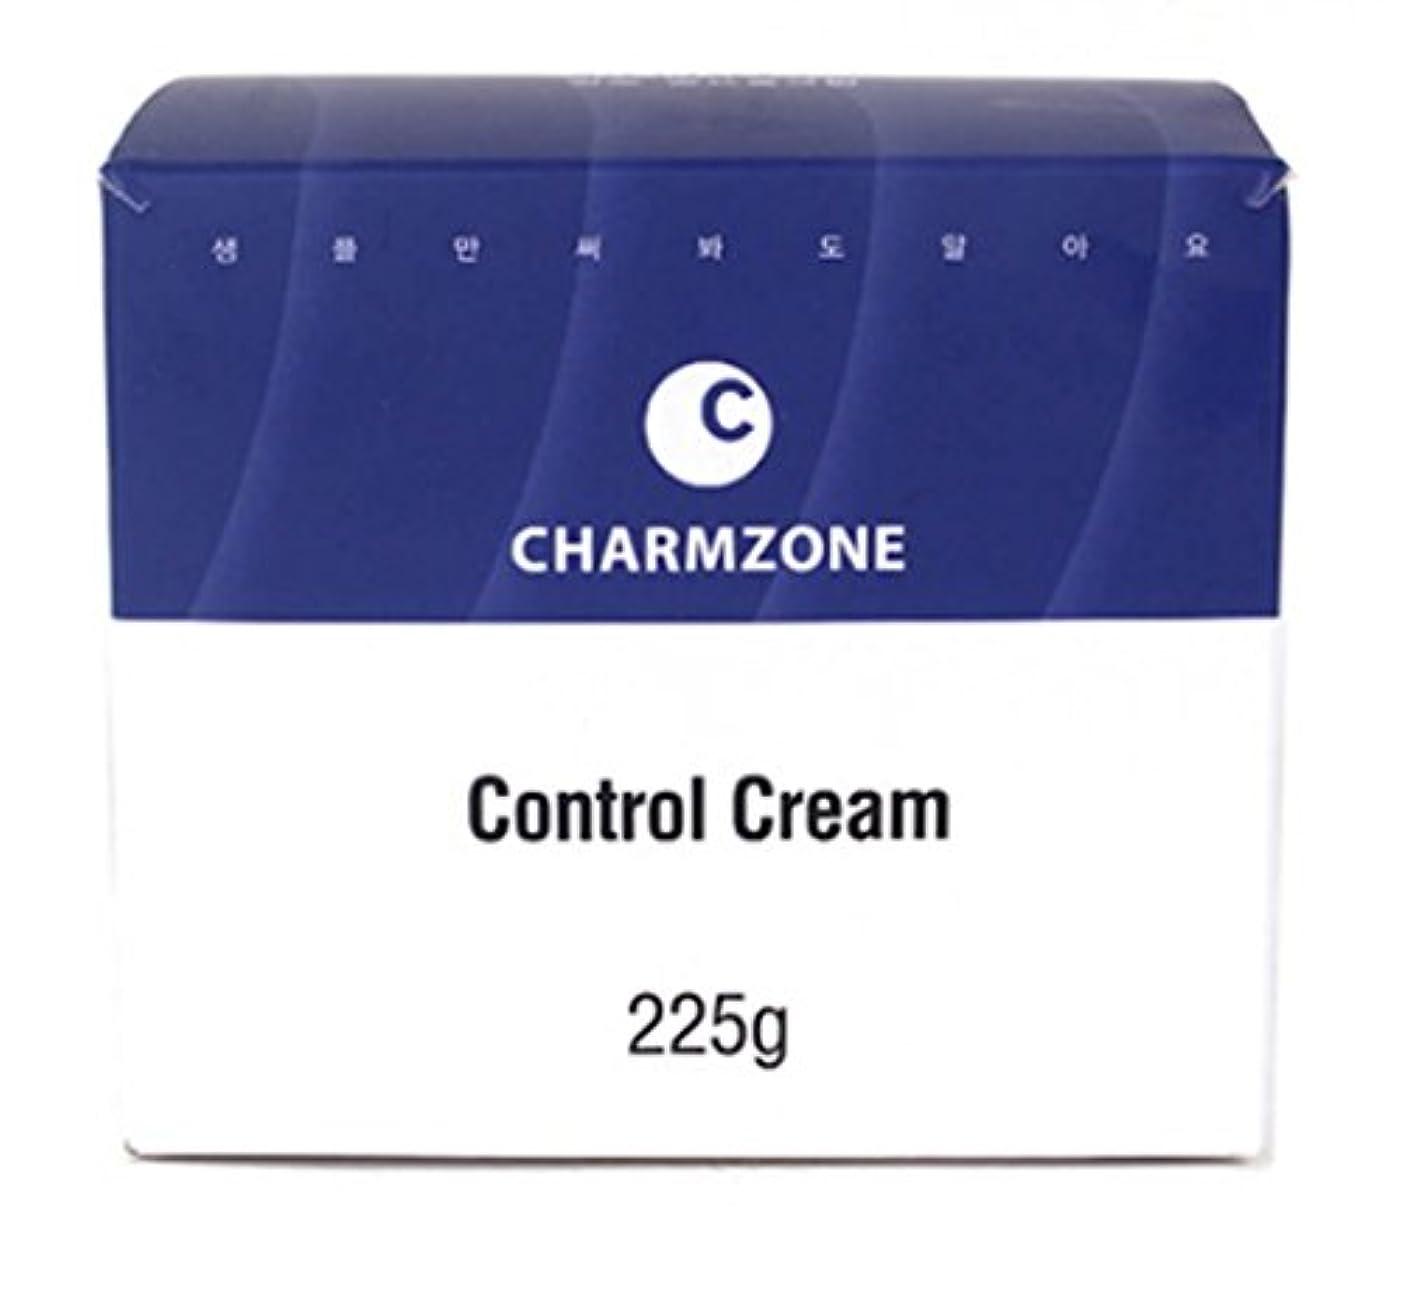 工夫するよろめく穀物[チャムジョン] CharmZone コントロールクリーム マッサージ 栄養クリーム225g 海外直送品 (Control Cream Massage Nutrition Cream 225g)